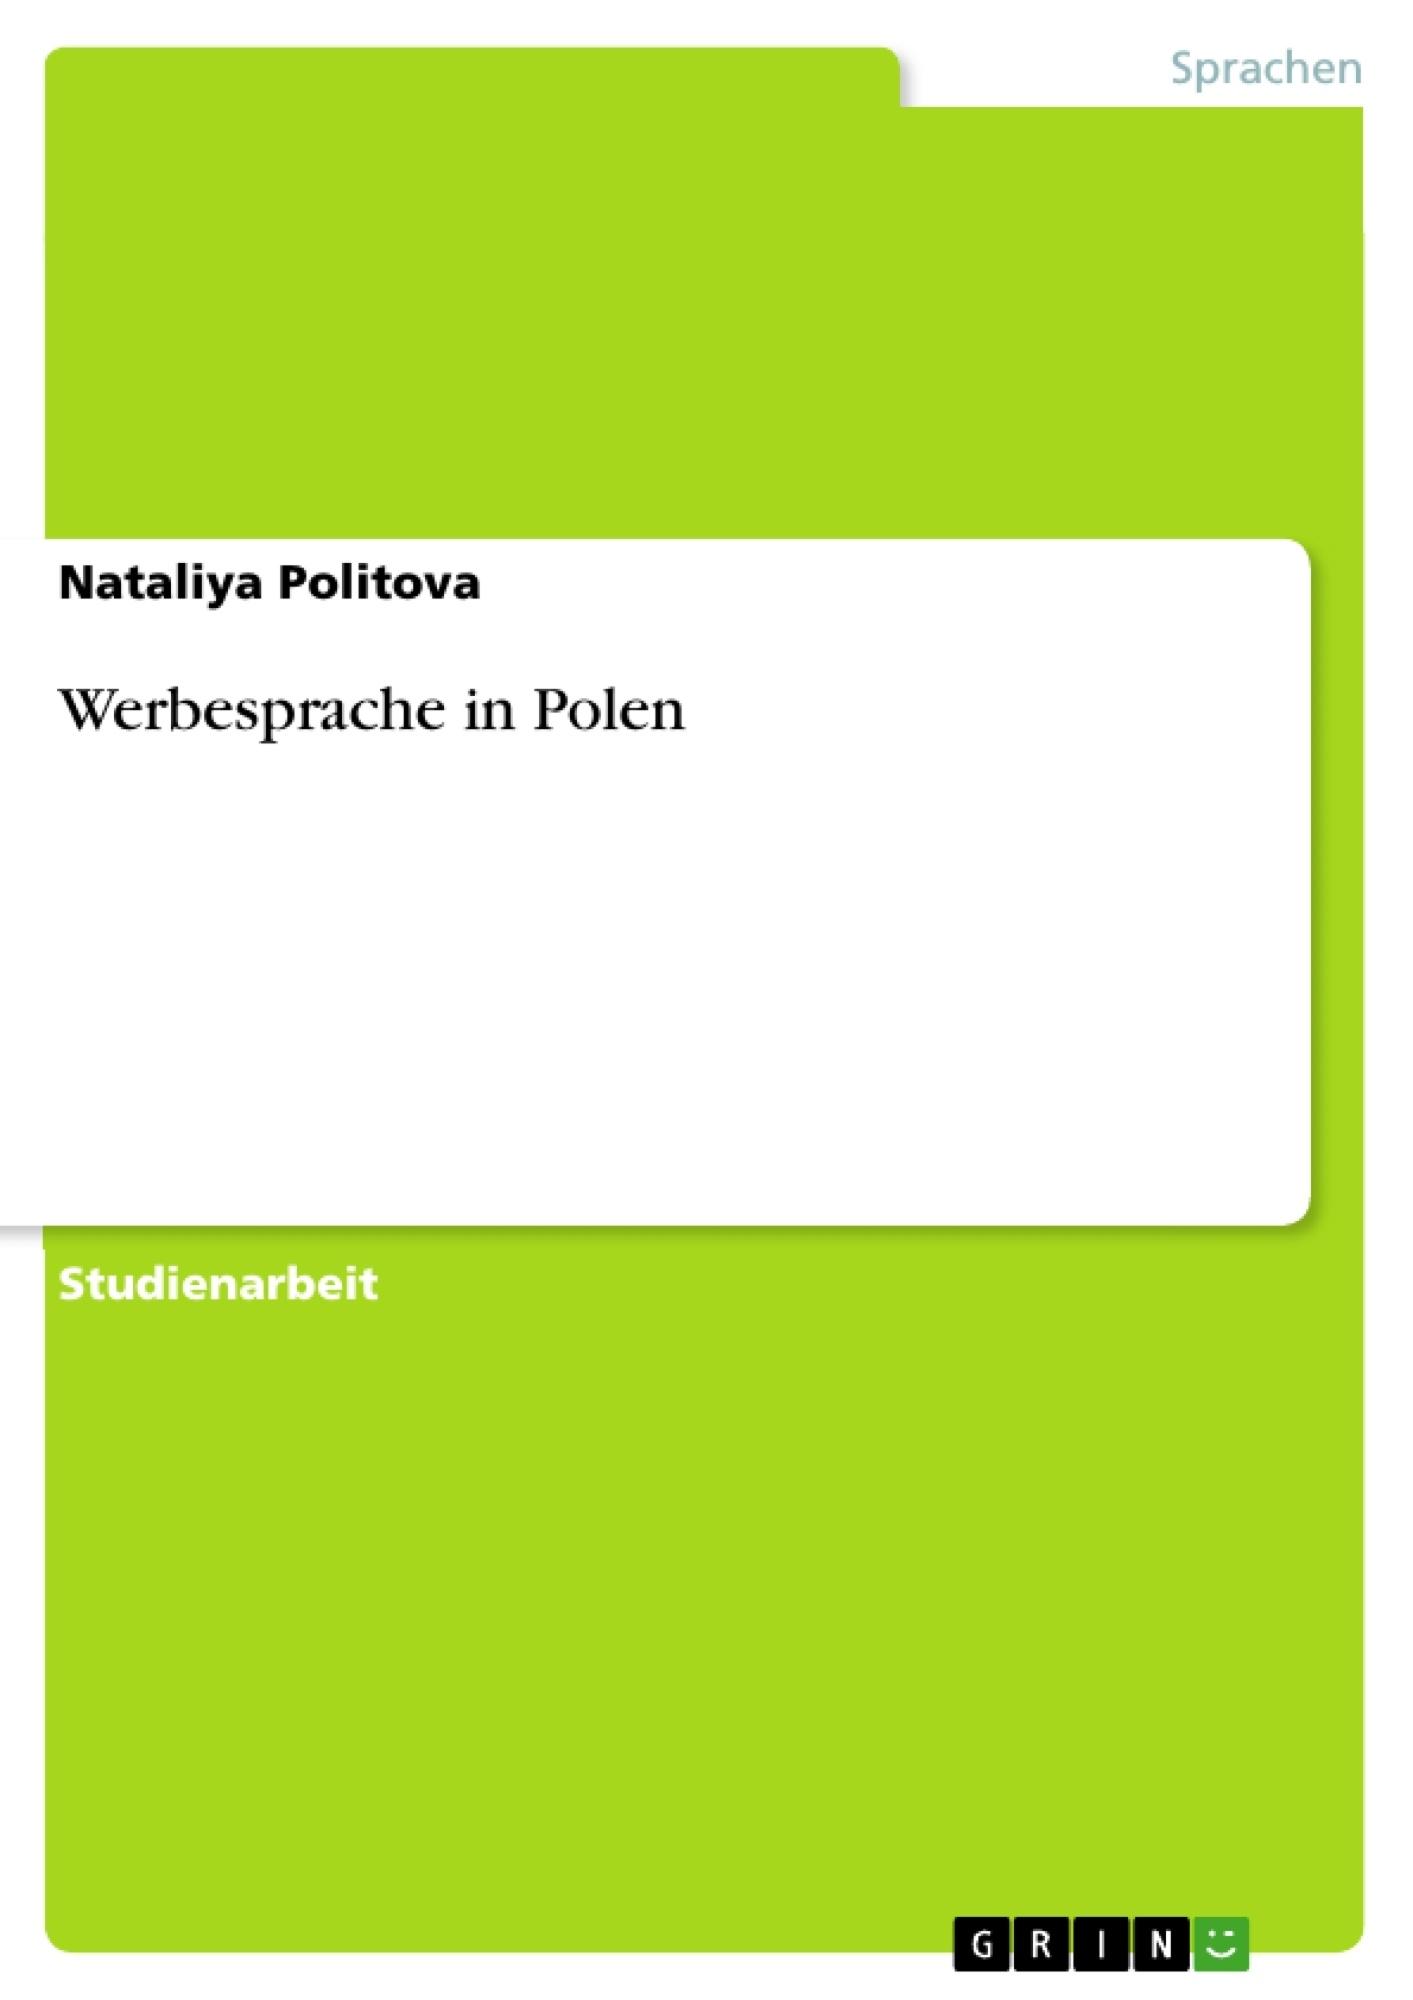 Titel: Werbesprache in Polen